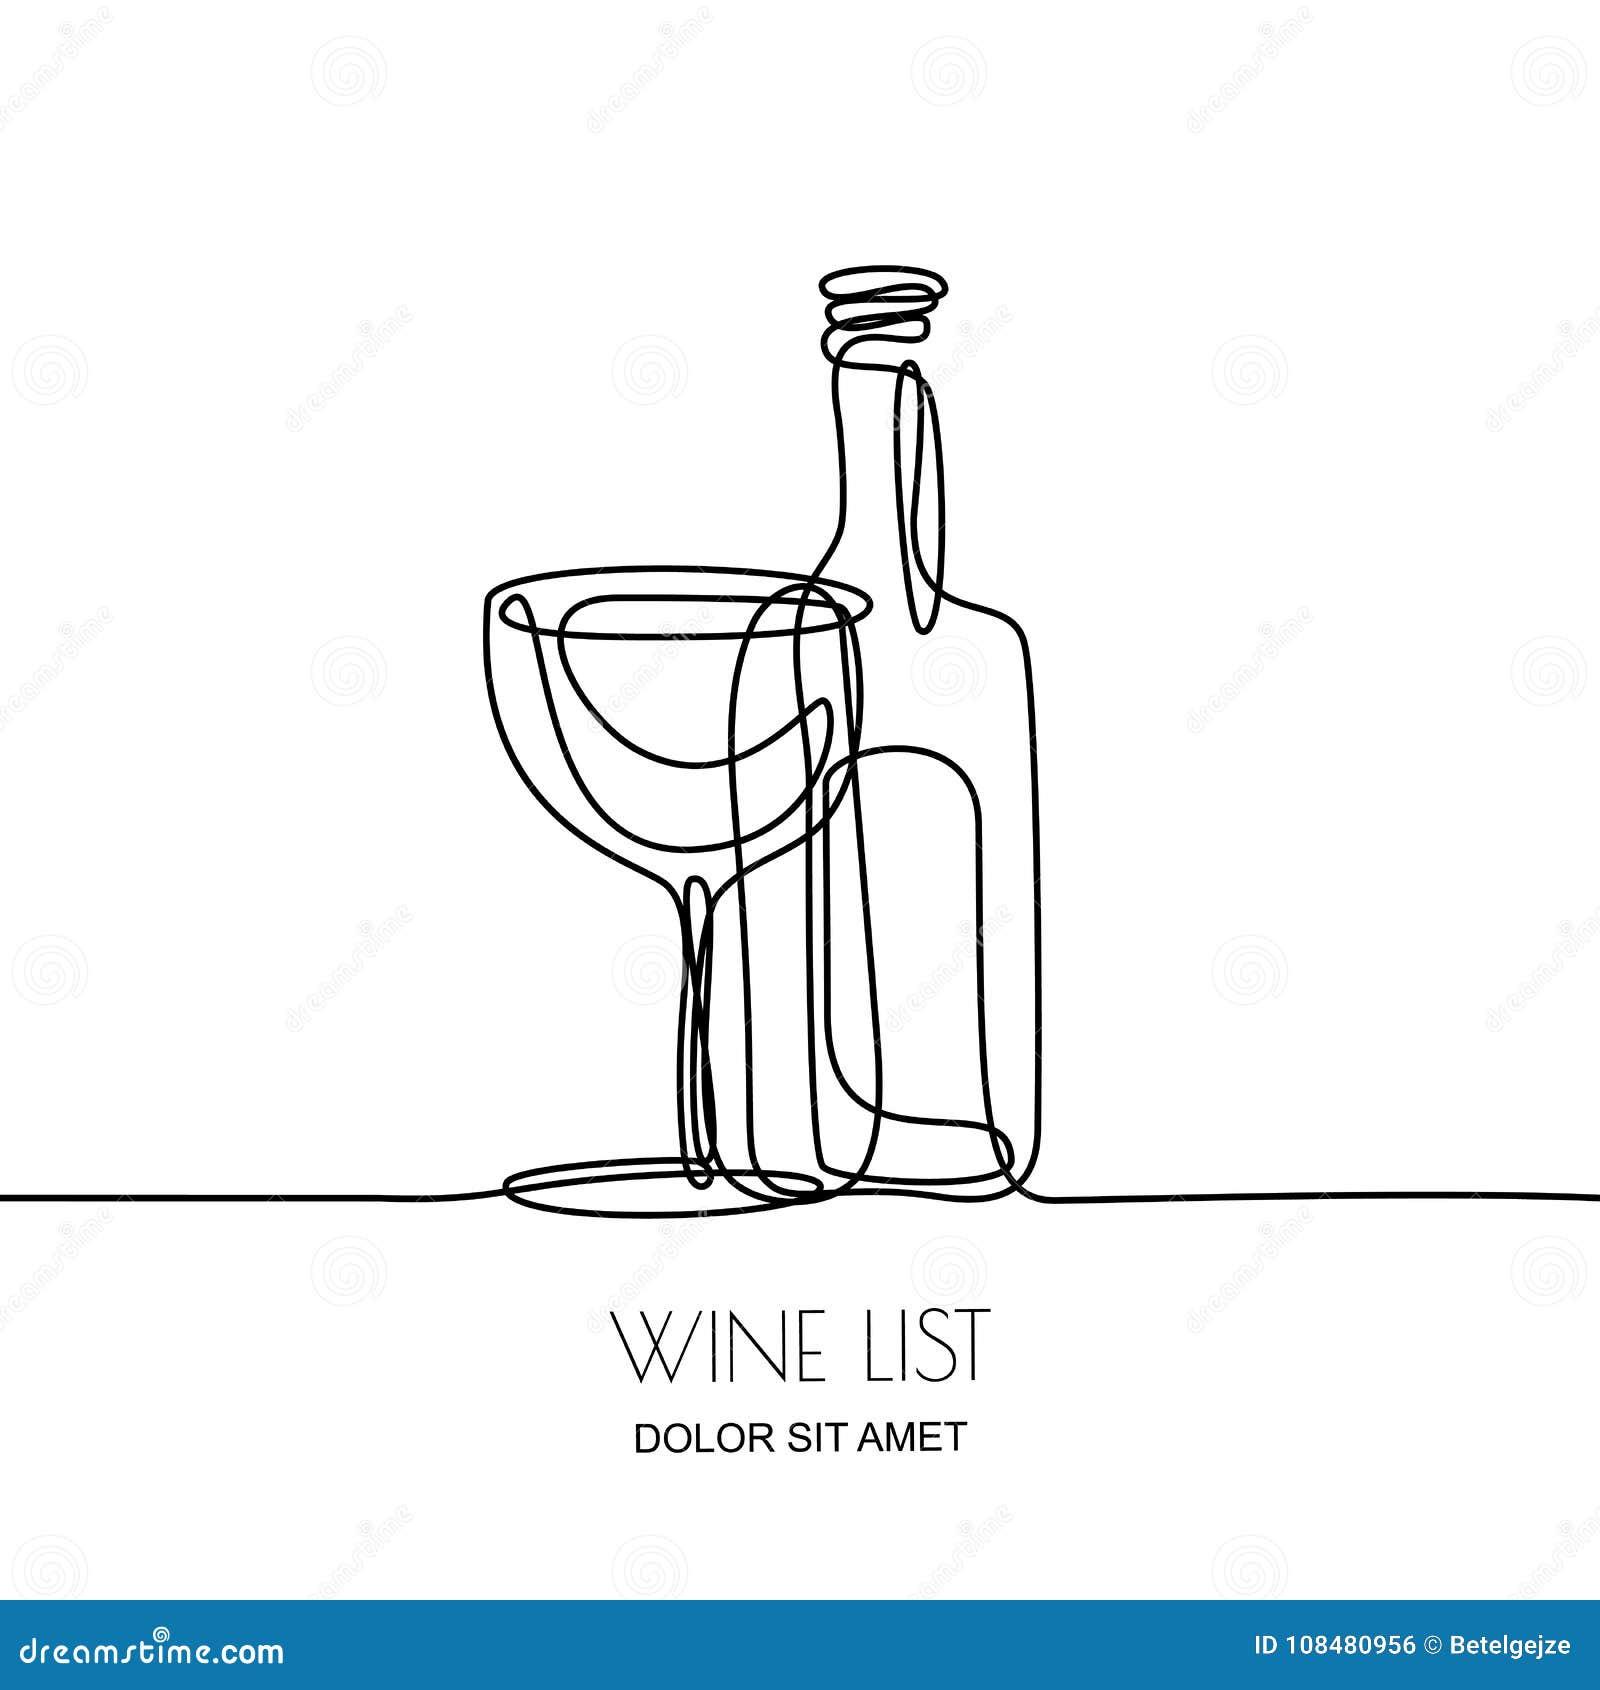 Disegno a tratteggio continuo Vector l illustrazione nera lineare della bottiglia e del vetro di vino isolati su fondo bianco